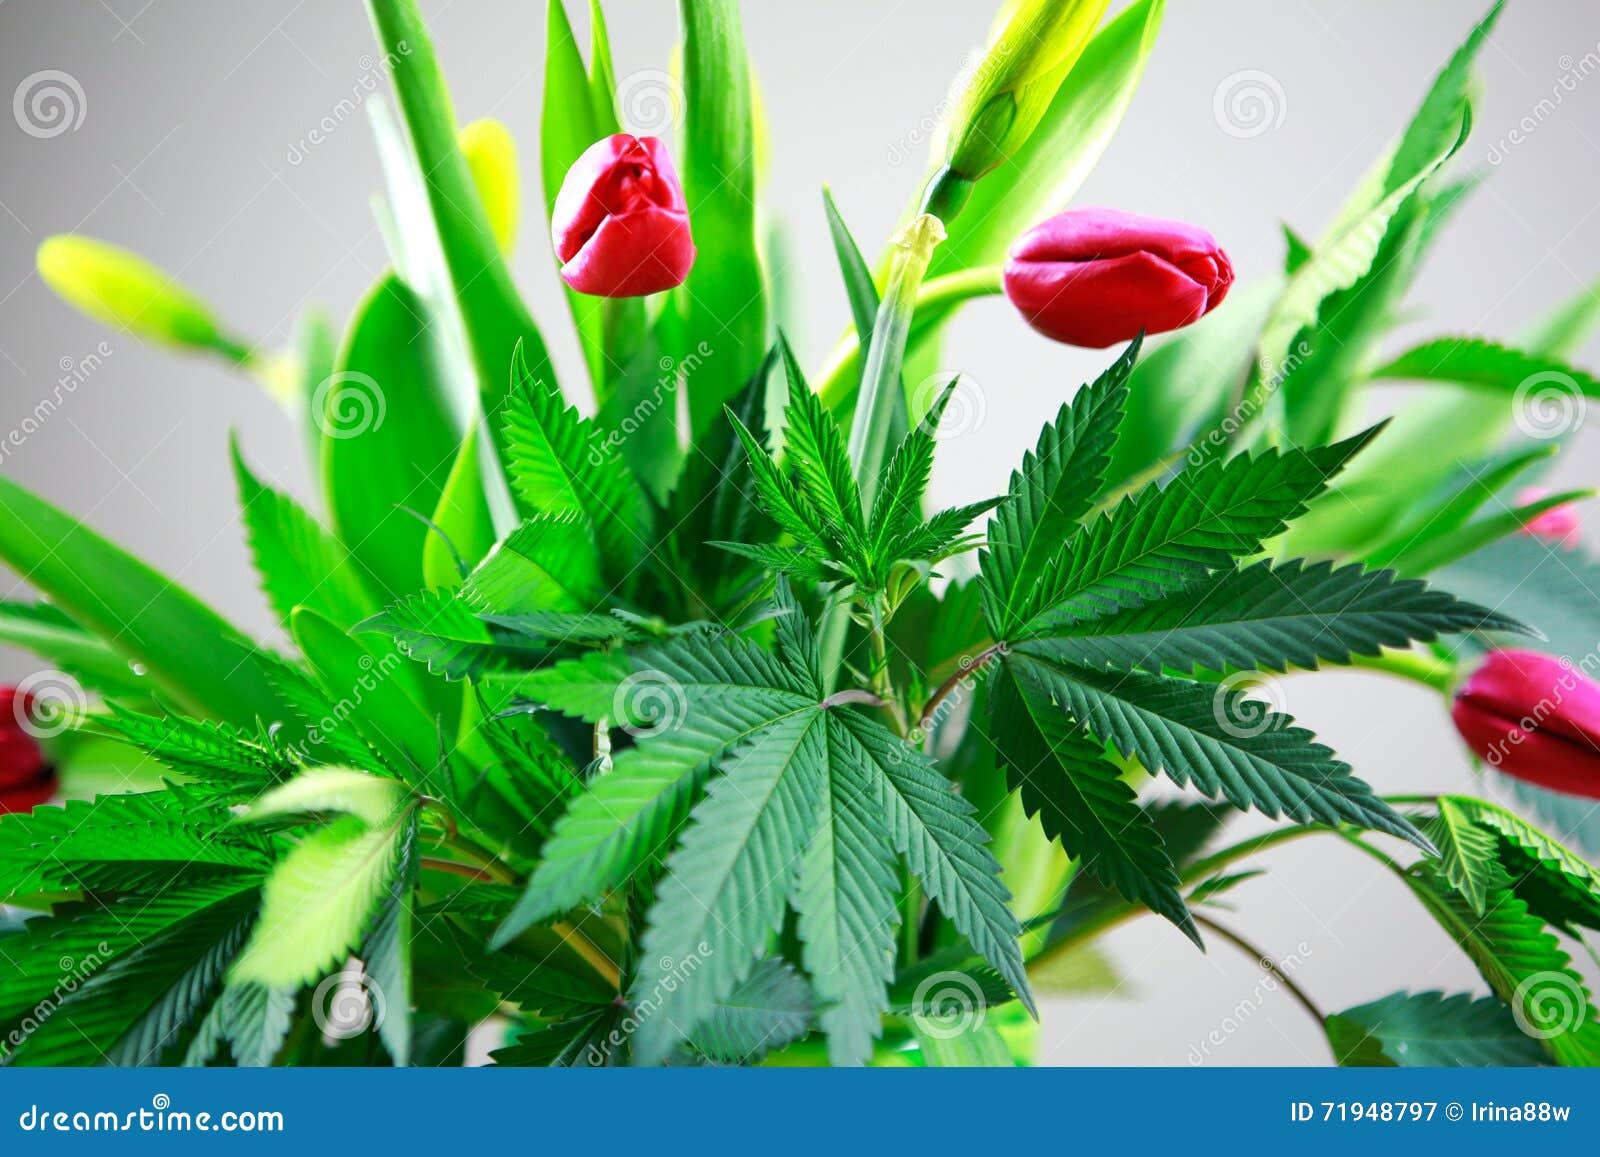 Конопля весной марихуана вид наркотика